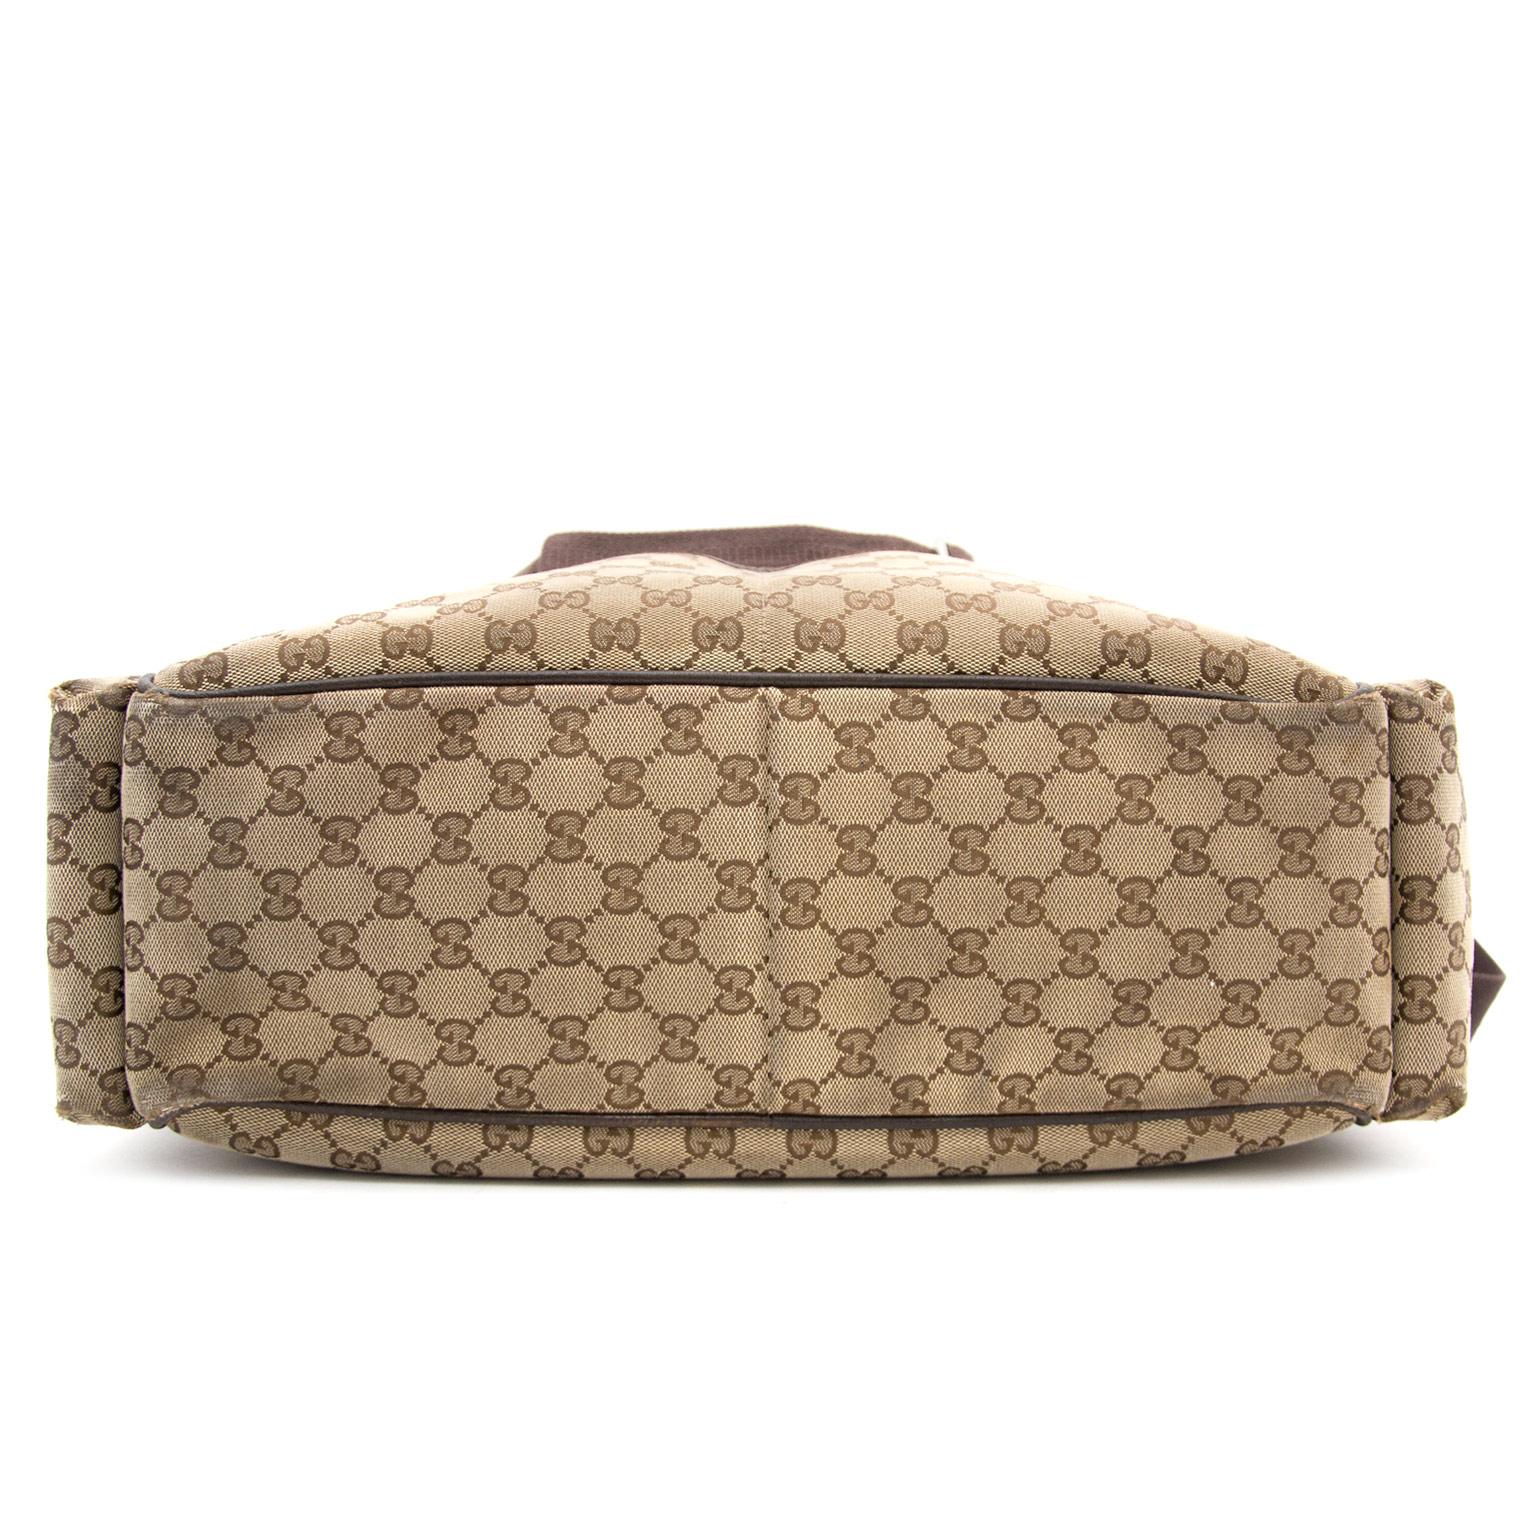 acheter en ligne pour le meilleur prix sac Louis Vuitton Monogram Pochette Bordeaux